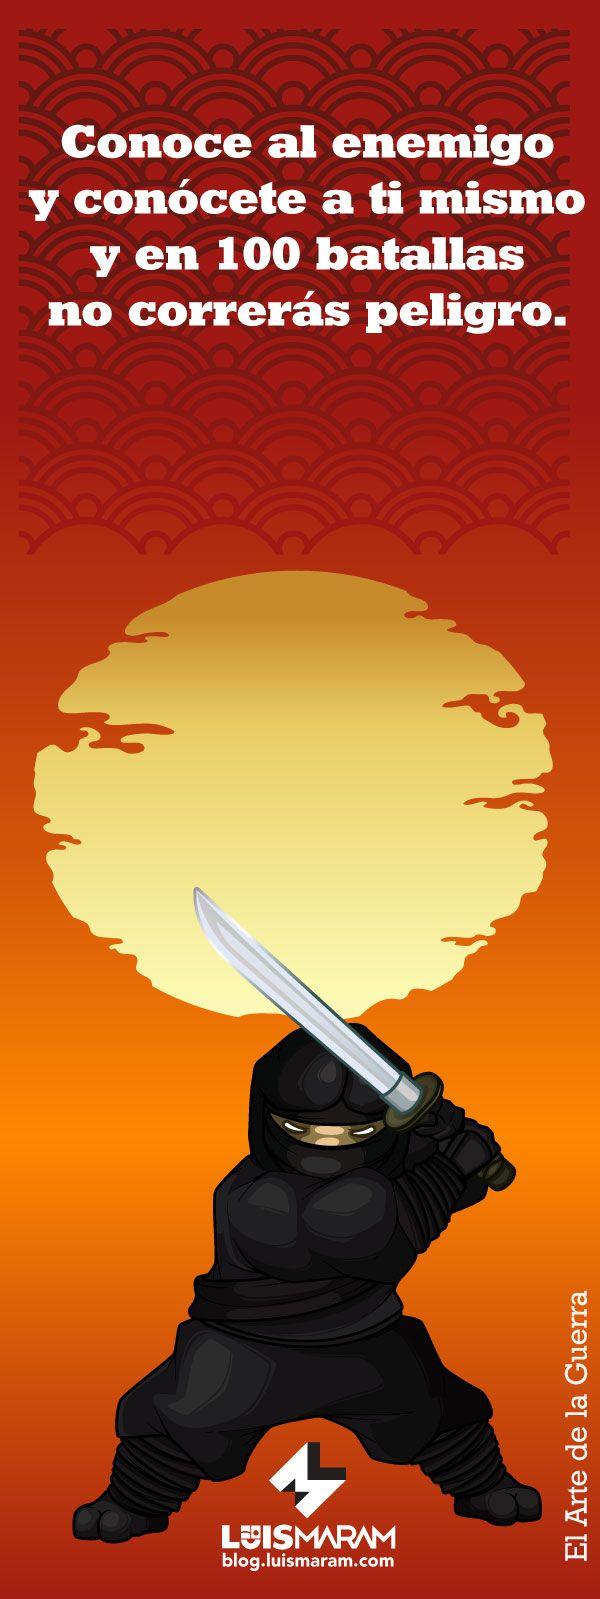 Frase de Marketing Estratégico salida de El Arte de la Guerra. Ve todas en: http://blog.luismaram.com/2014/04/30/marketing-estrategico-10-frases-de-el-arte-de-la-guerra/